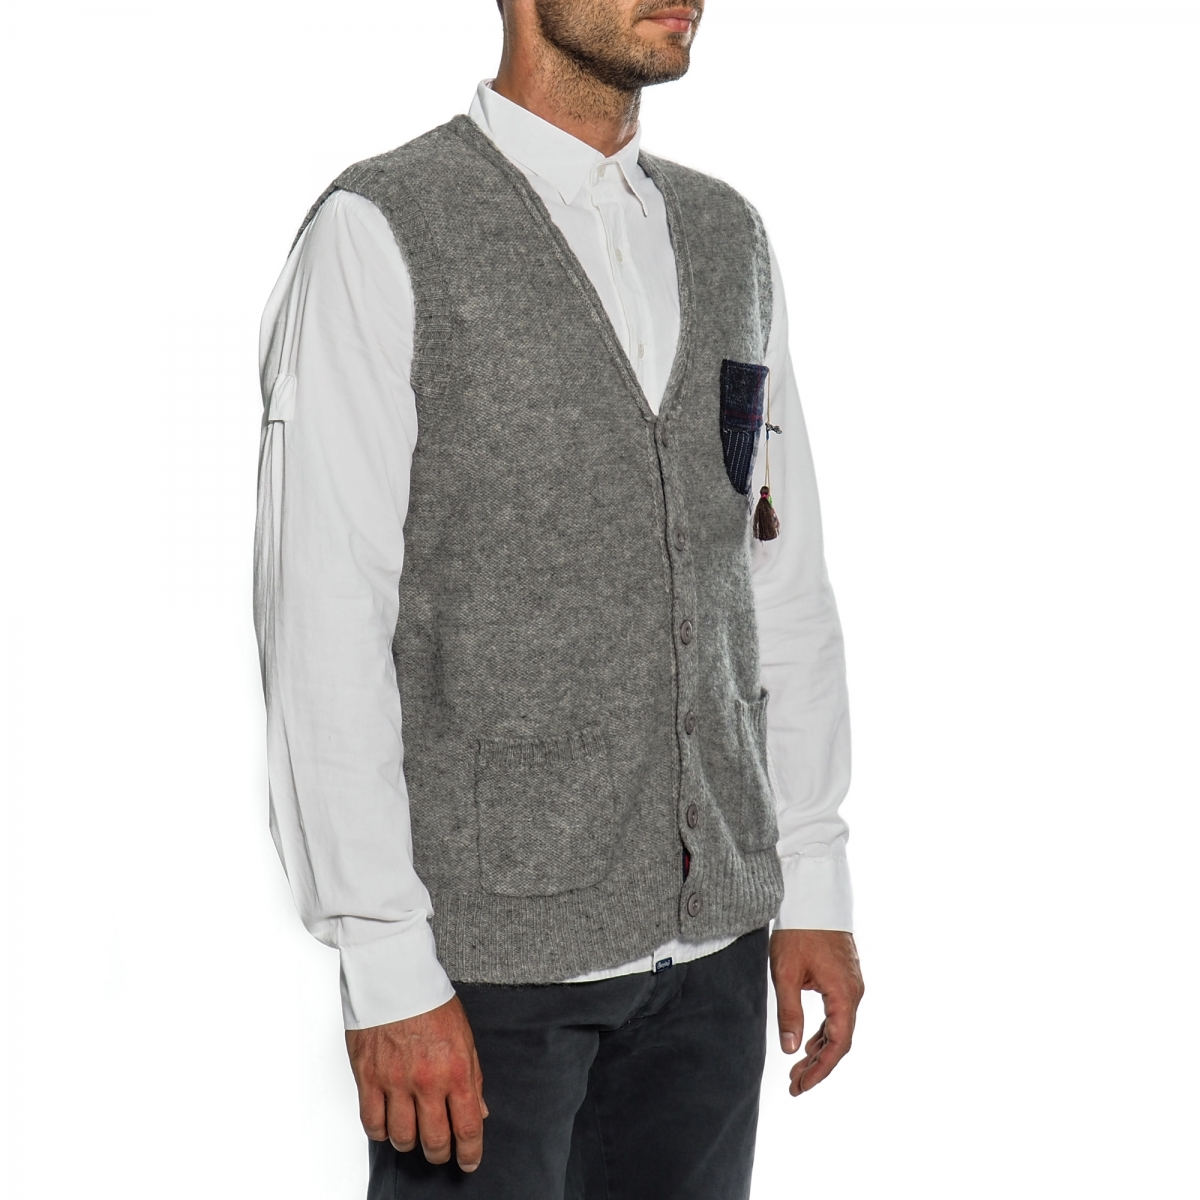 sconti abbigliamento uomo Giacche e Gilet OUTLET GLS32096 GRIGIO Cafedelmar Shop